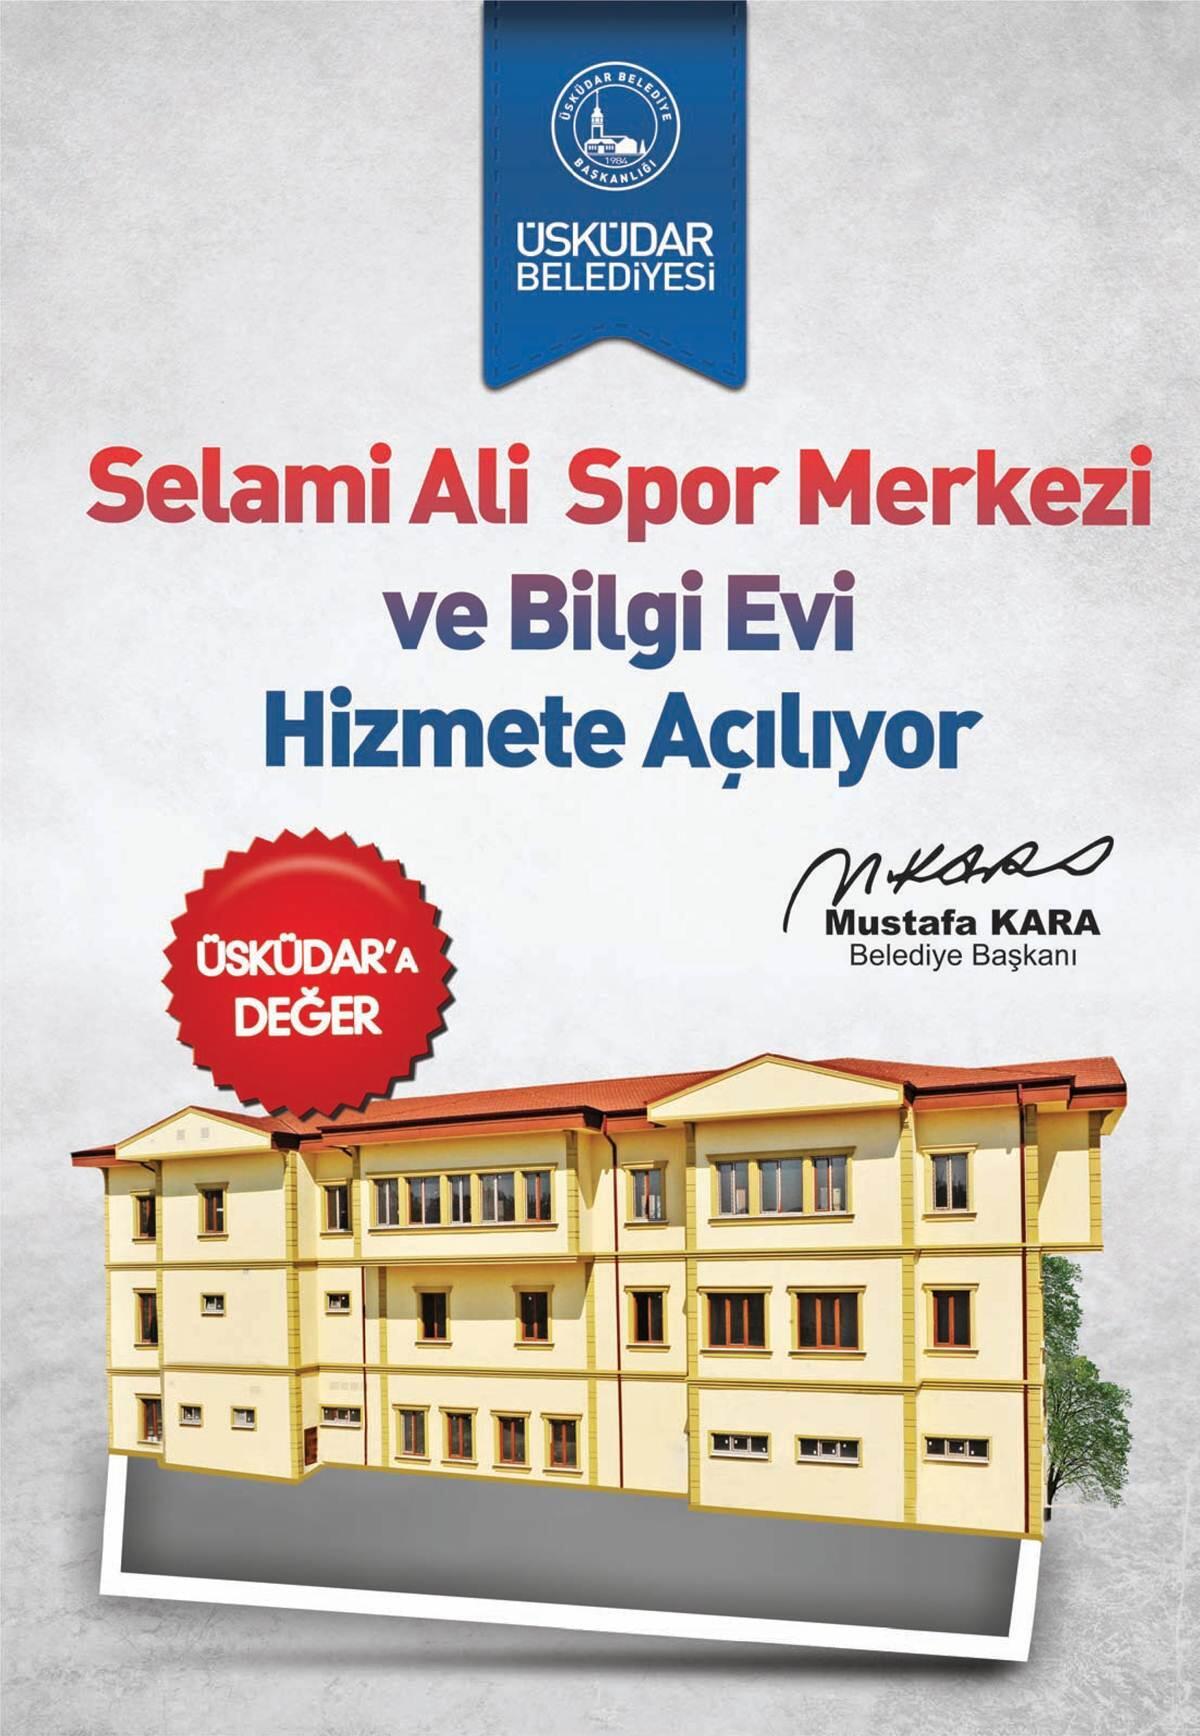 Selami Ali Spor Merkezi ve Bilgi Evi Hizmete Açılıyor... http://t.co/tlXSZ9L8sO